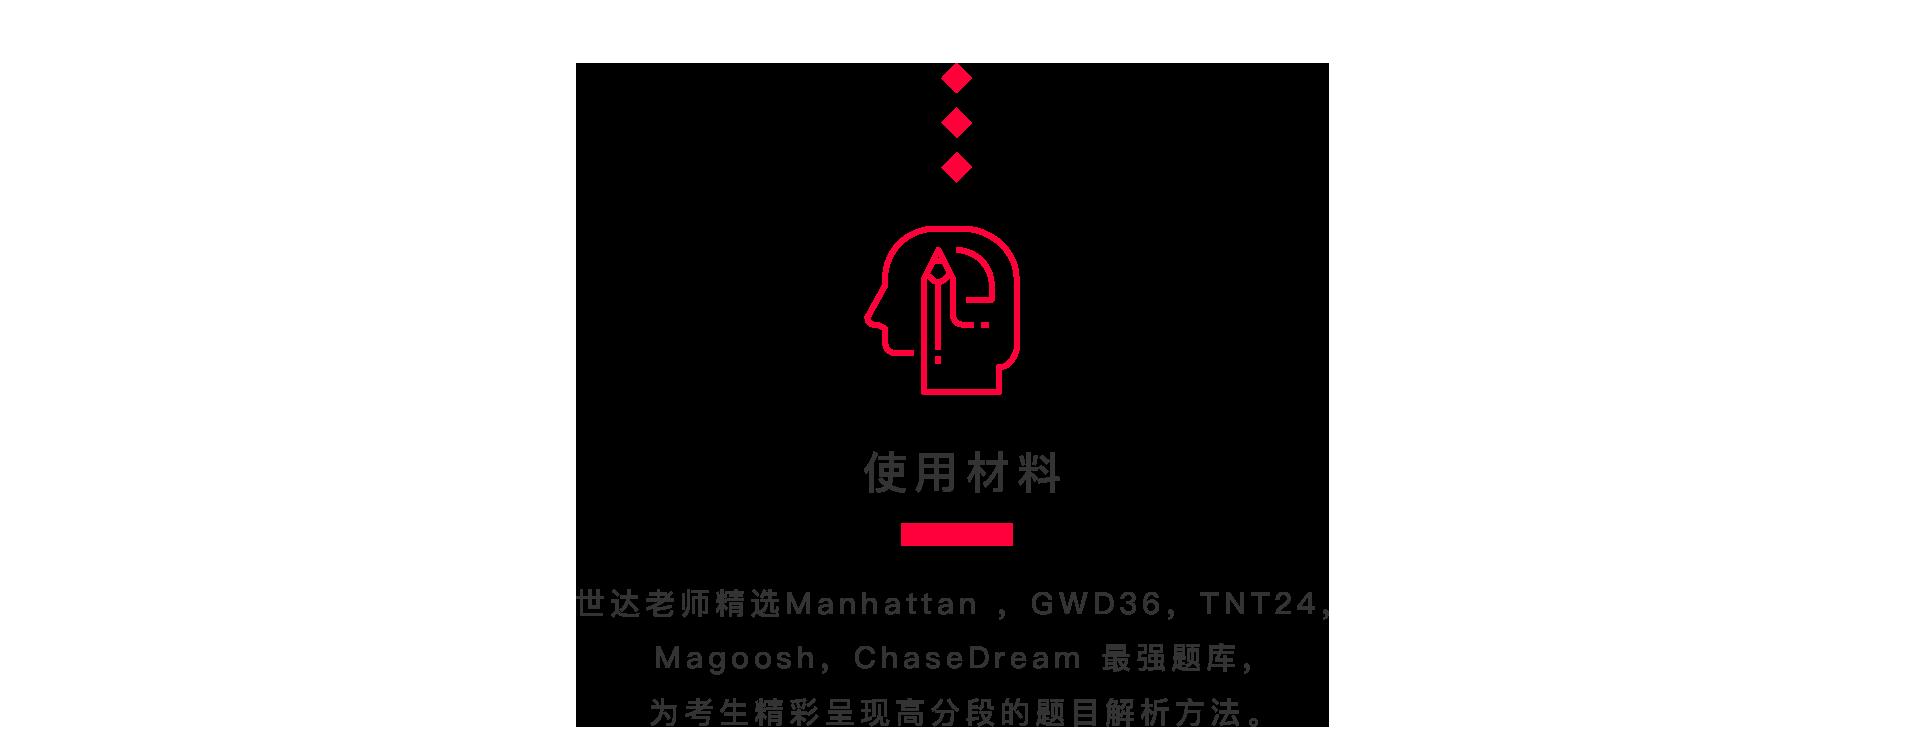 使用材料:世达老师精选Manhattan ,GWD36,TNT24,Magoosh,ChaseDream 最强题库,为考生精彩呈现高分段的题目解析方法。